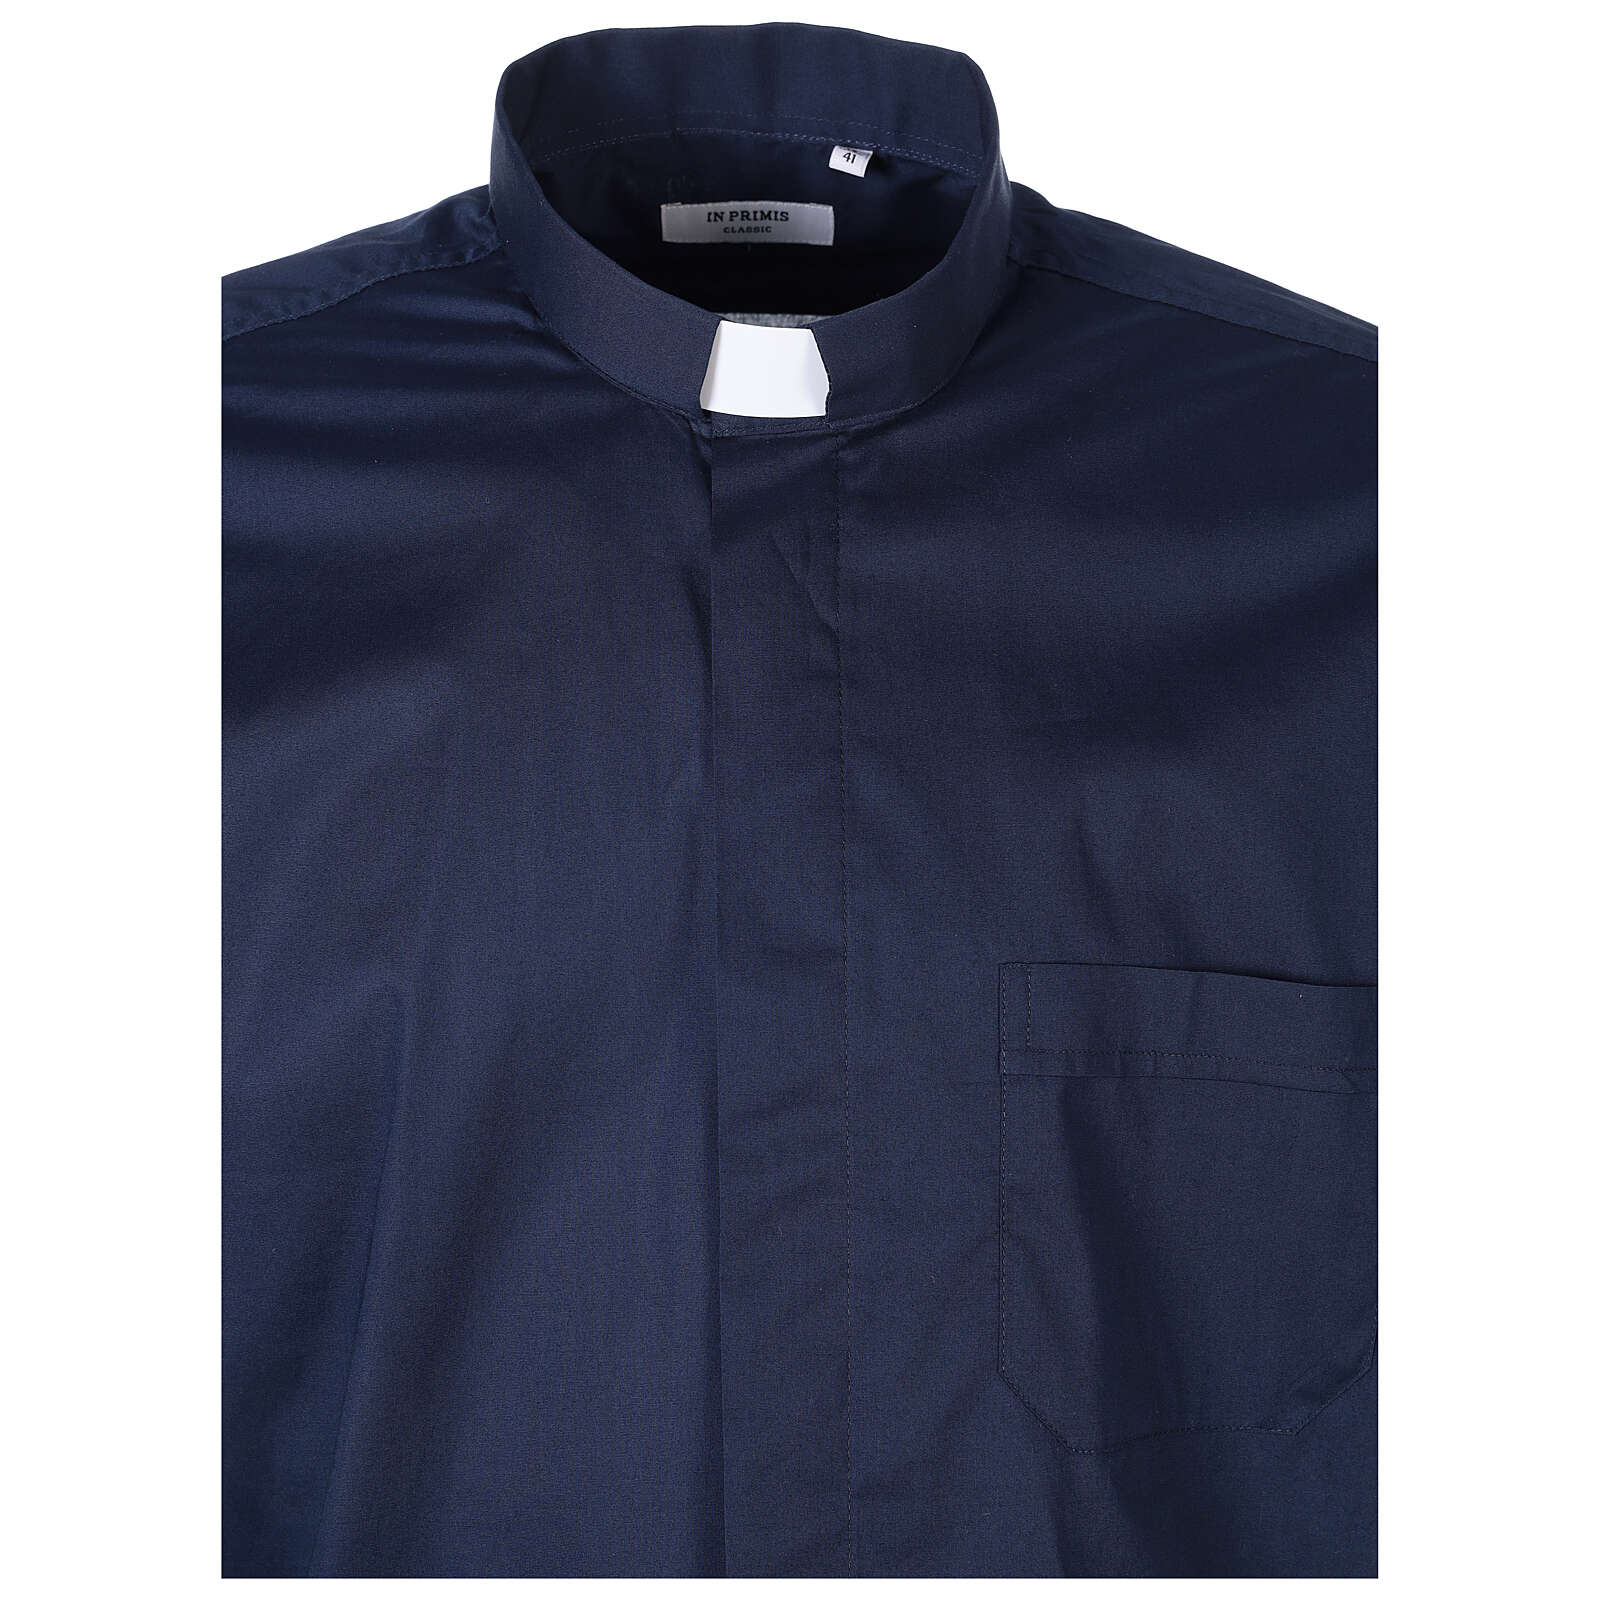 Camicia In Primis elasticizzata cotone m. corta blu 4